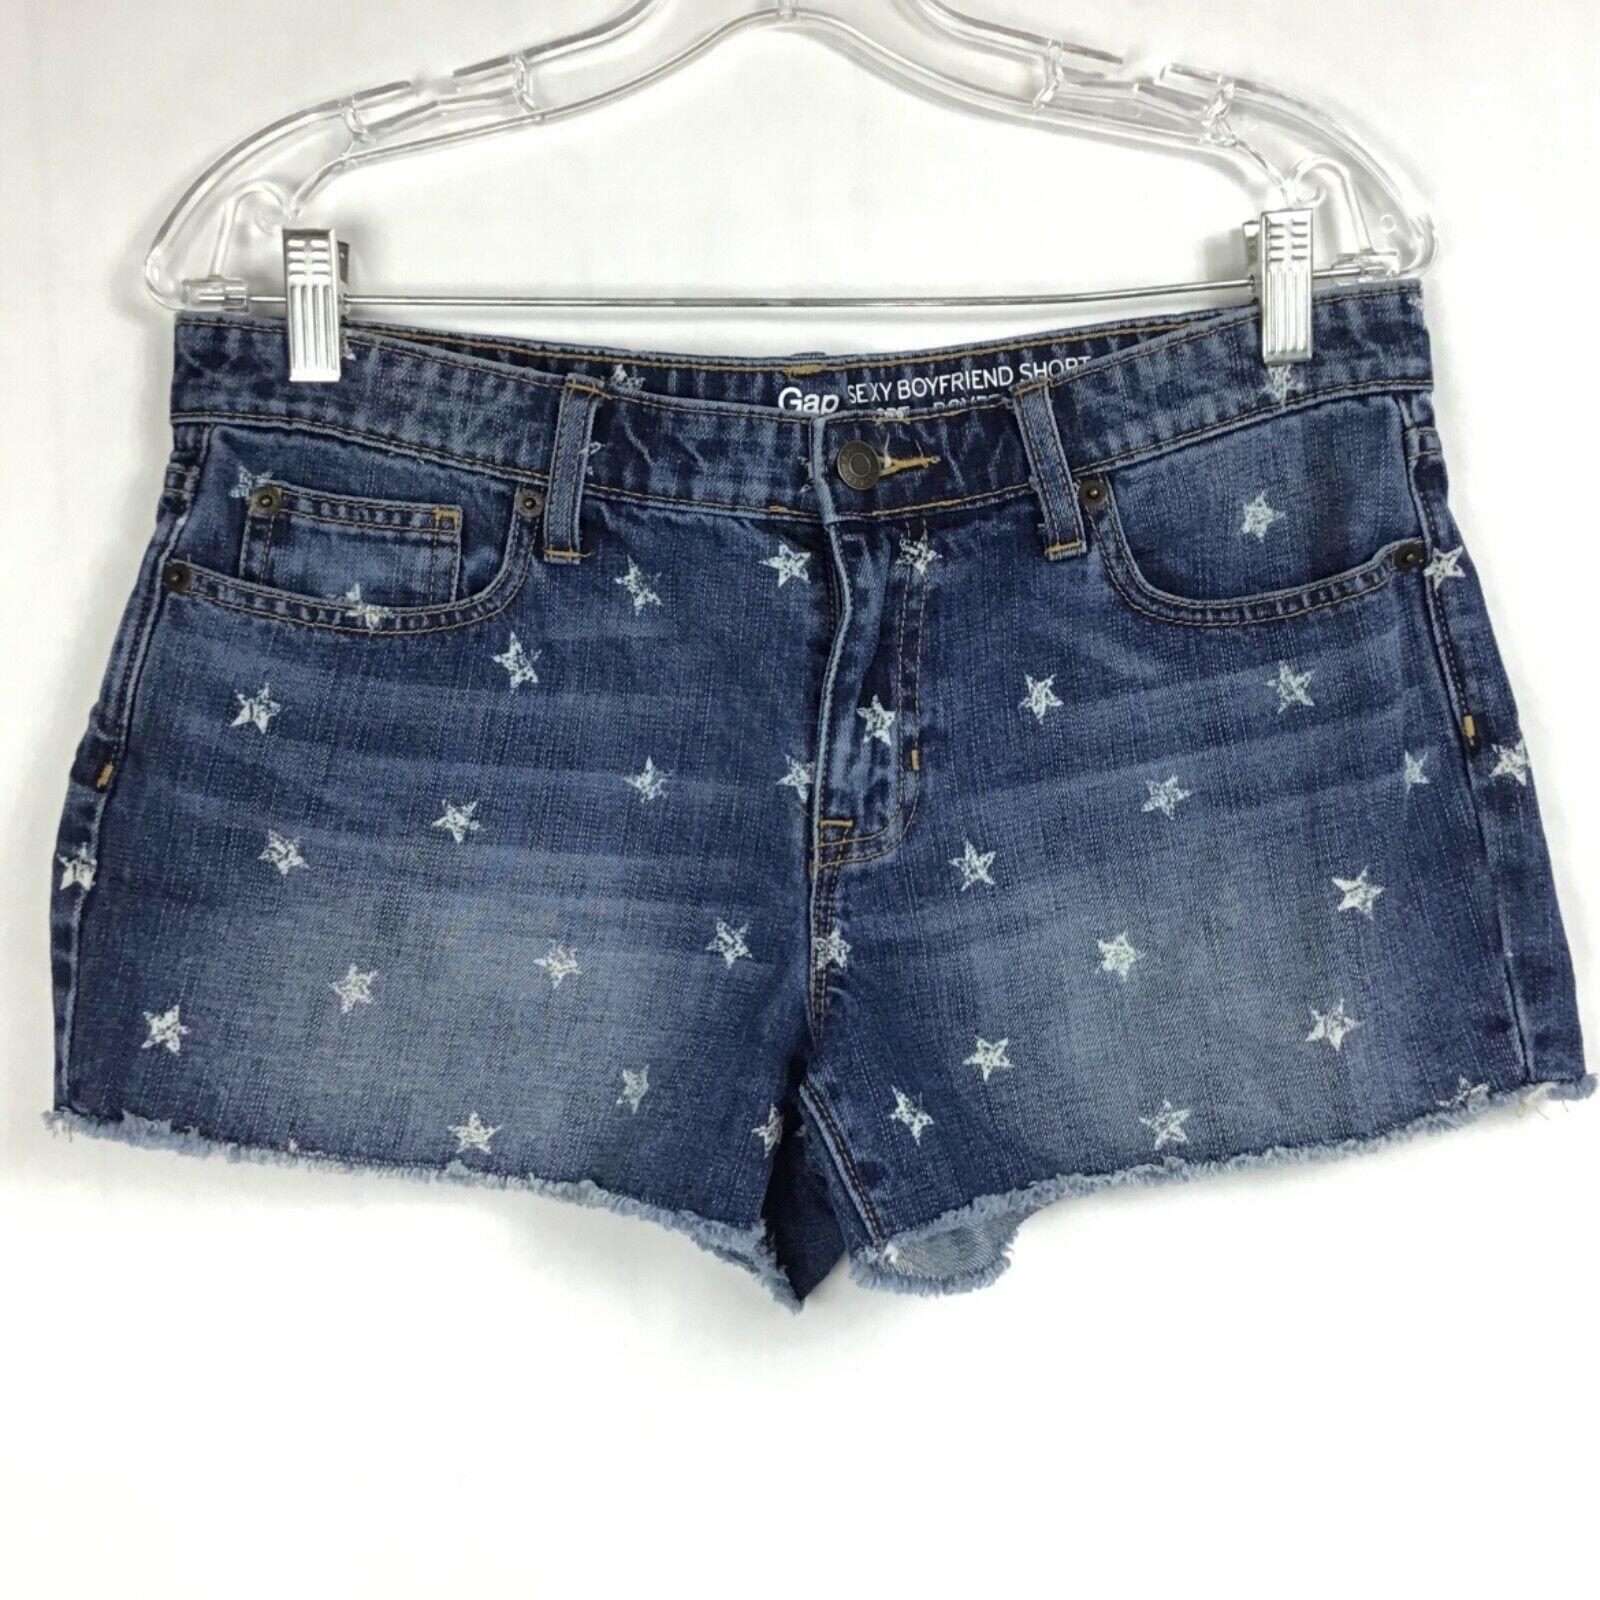 GAP Womens Sz 6/28 Sexy Boyfriend Fit Shorts Cut-Off Patriotic Stars Denim Jean